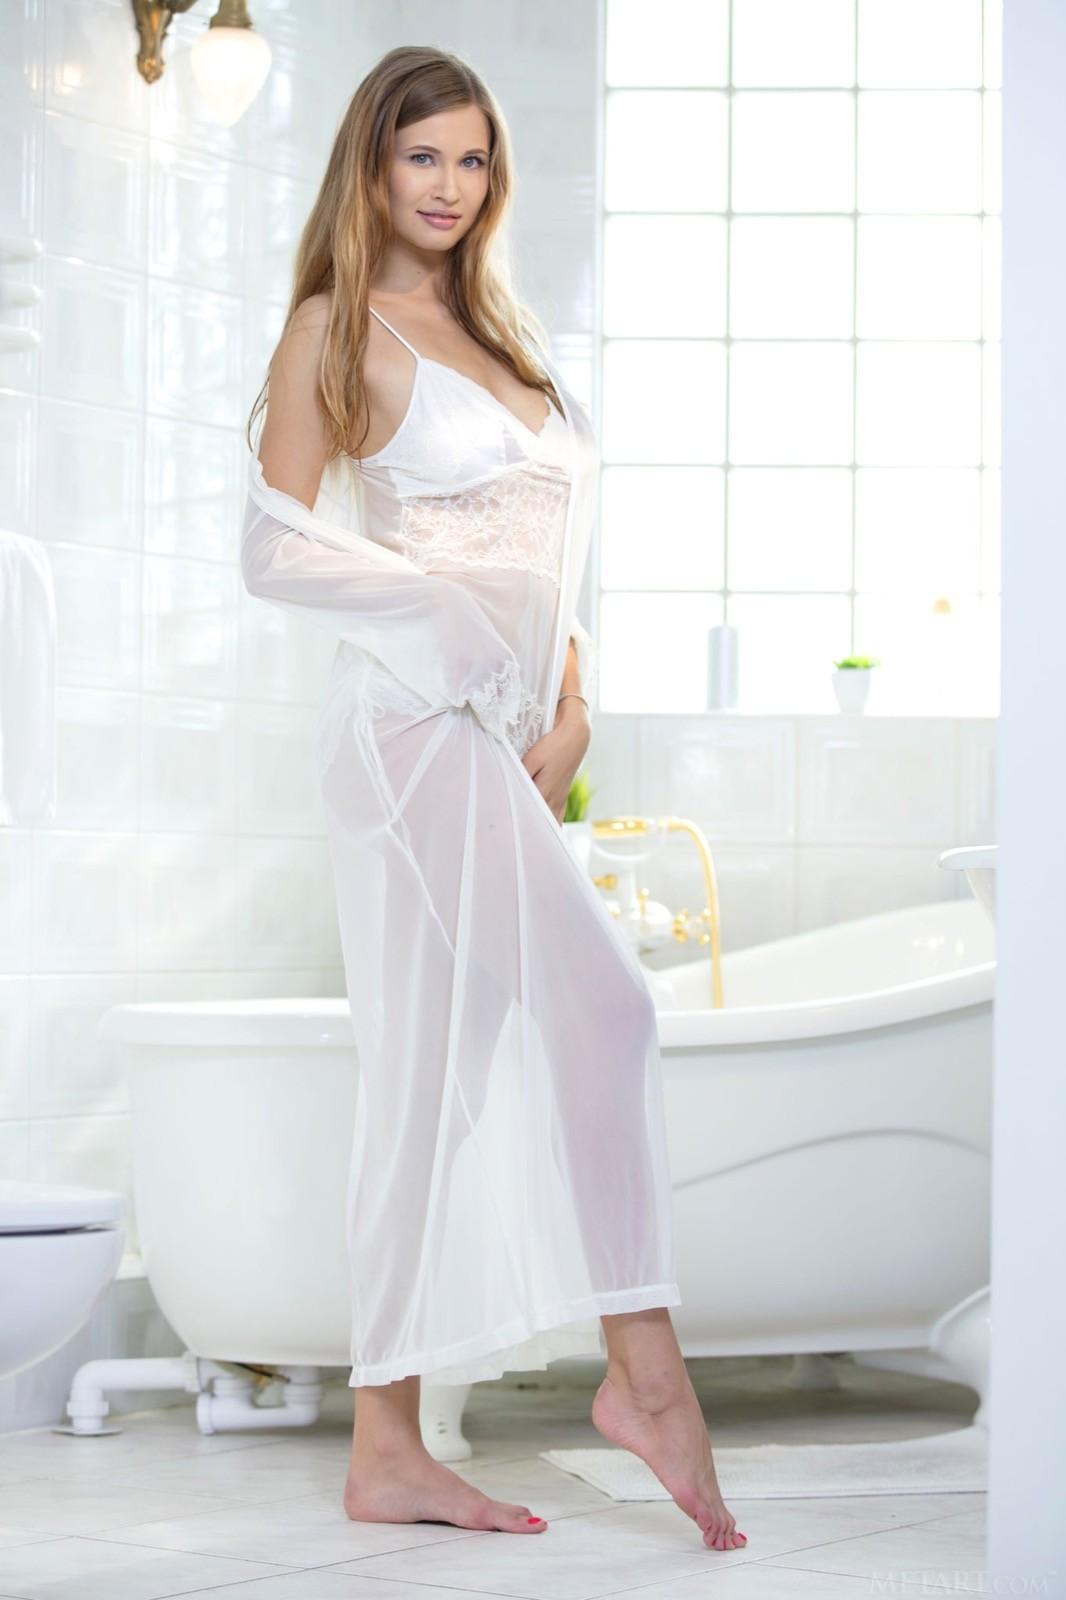 Девушка с обвисшими дойками моется в ванне - фото